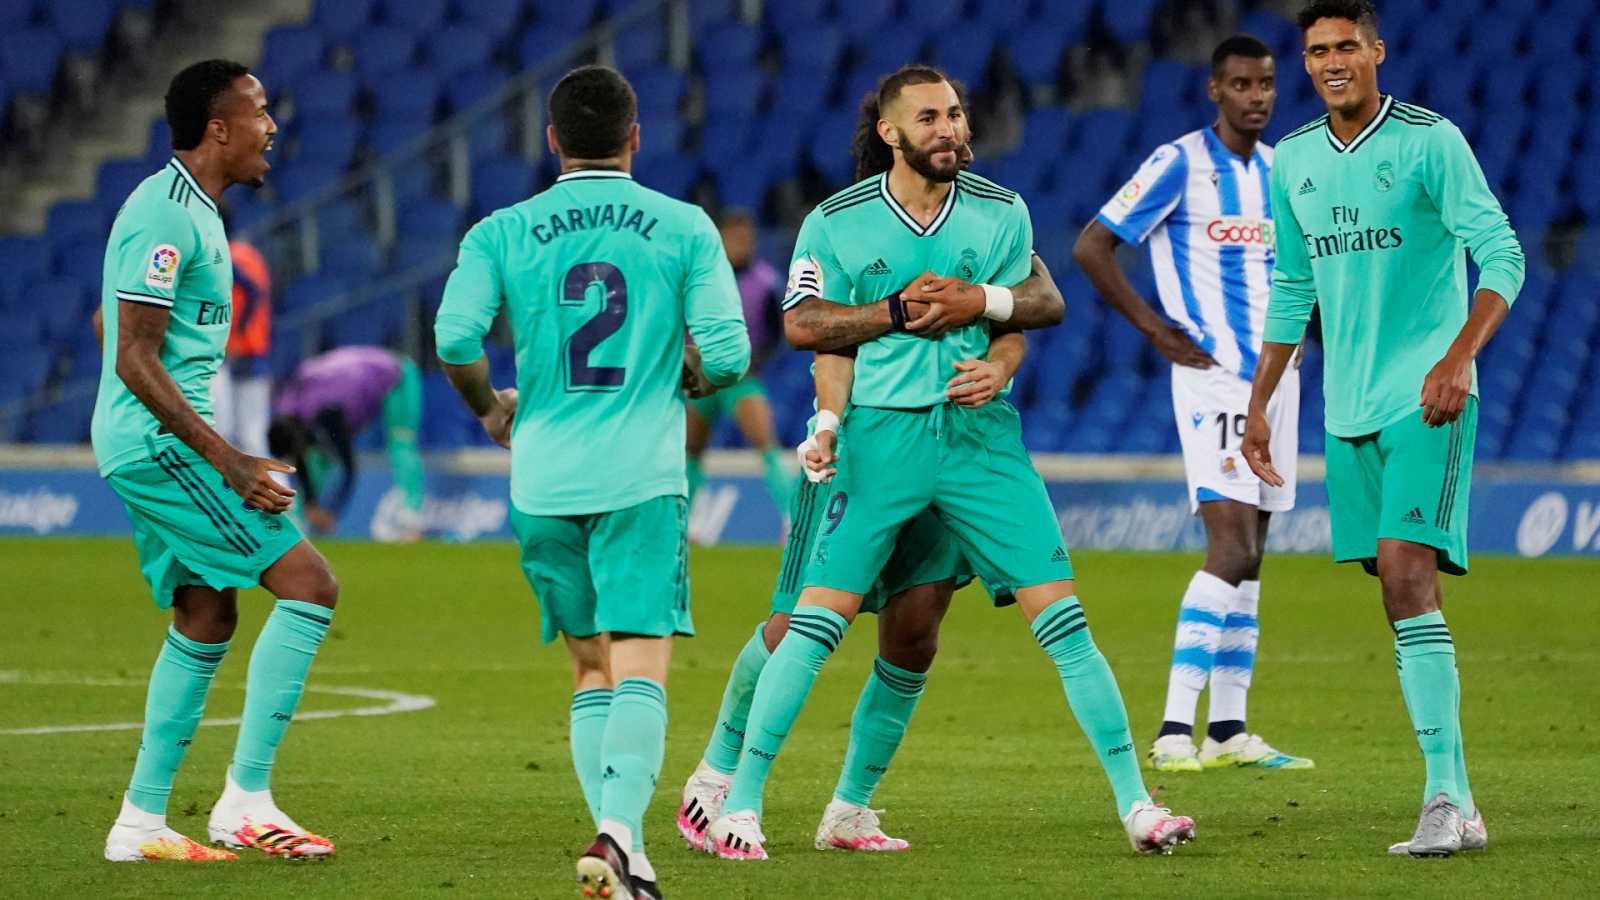 Karim Benzema es felicitado por sus compañeros tras la consecución del segundo gol del Real Madrid en Anoeta.